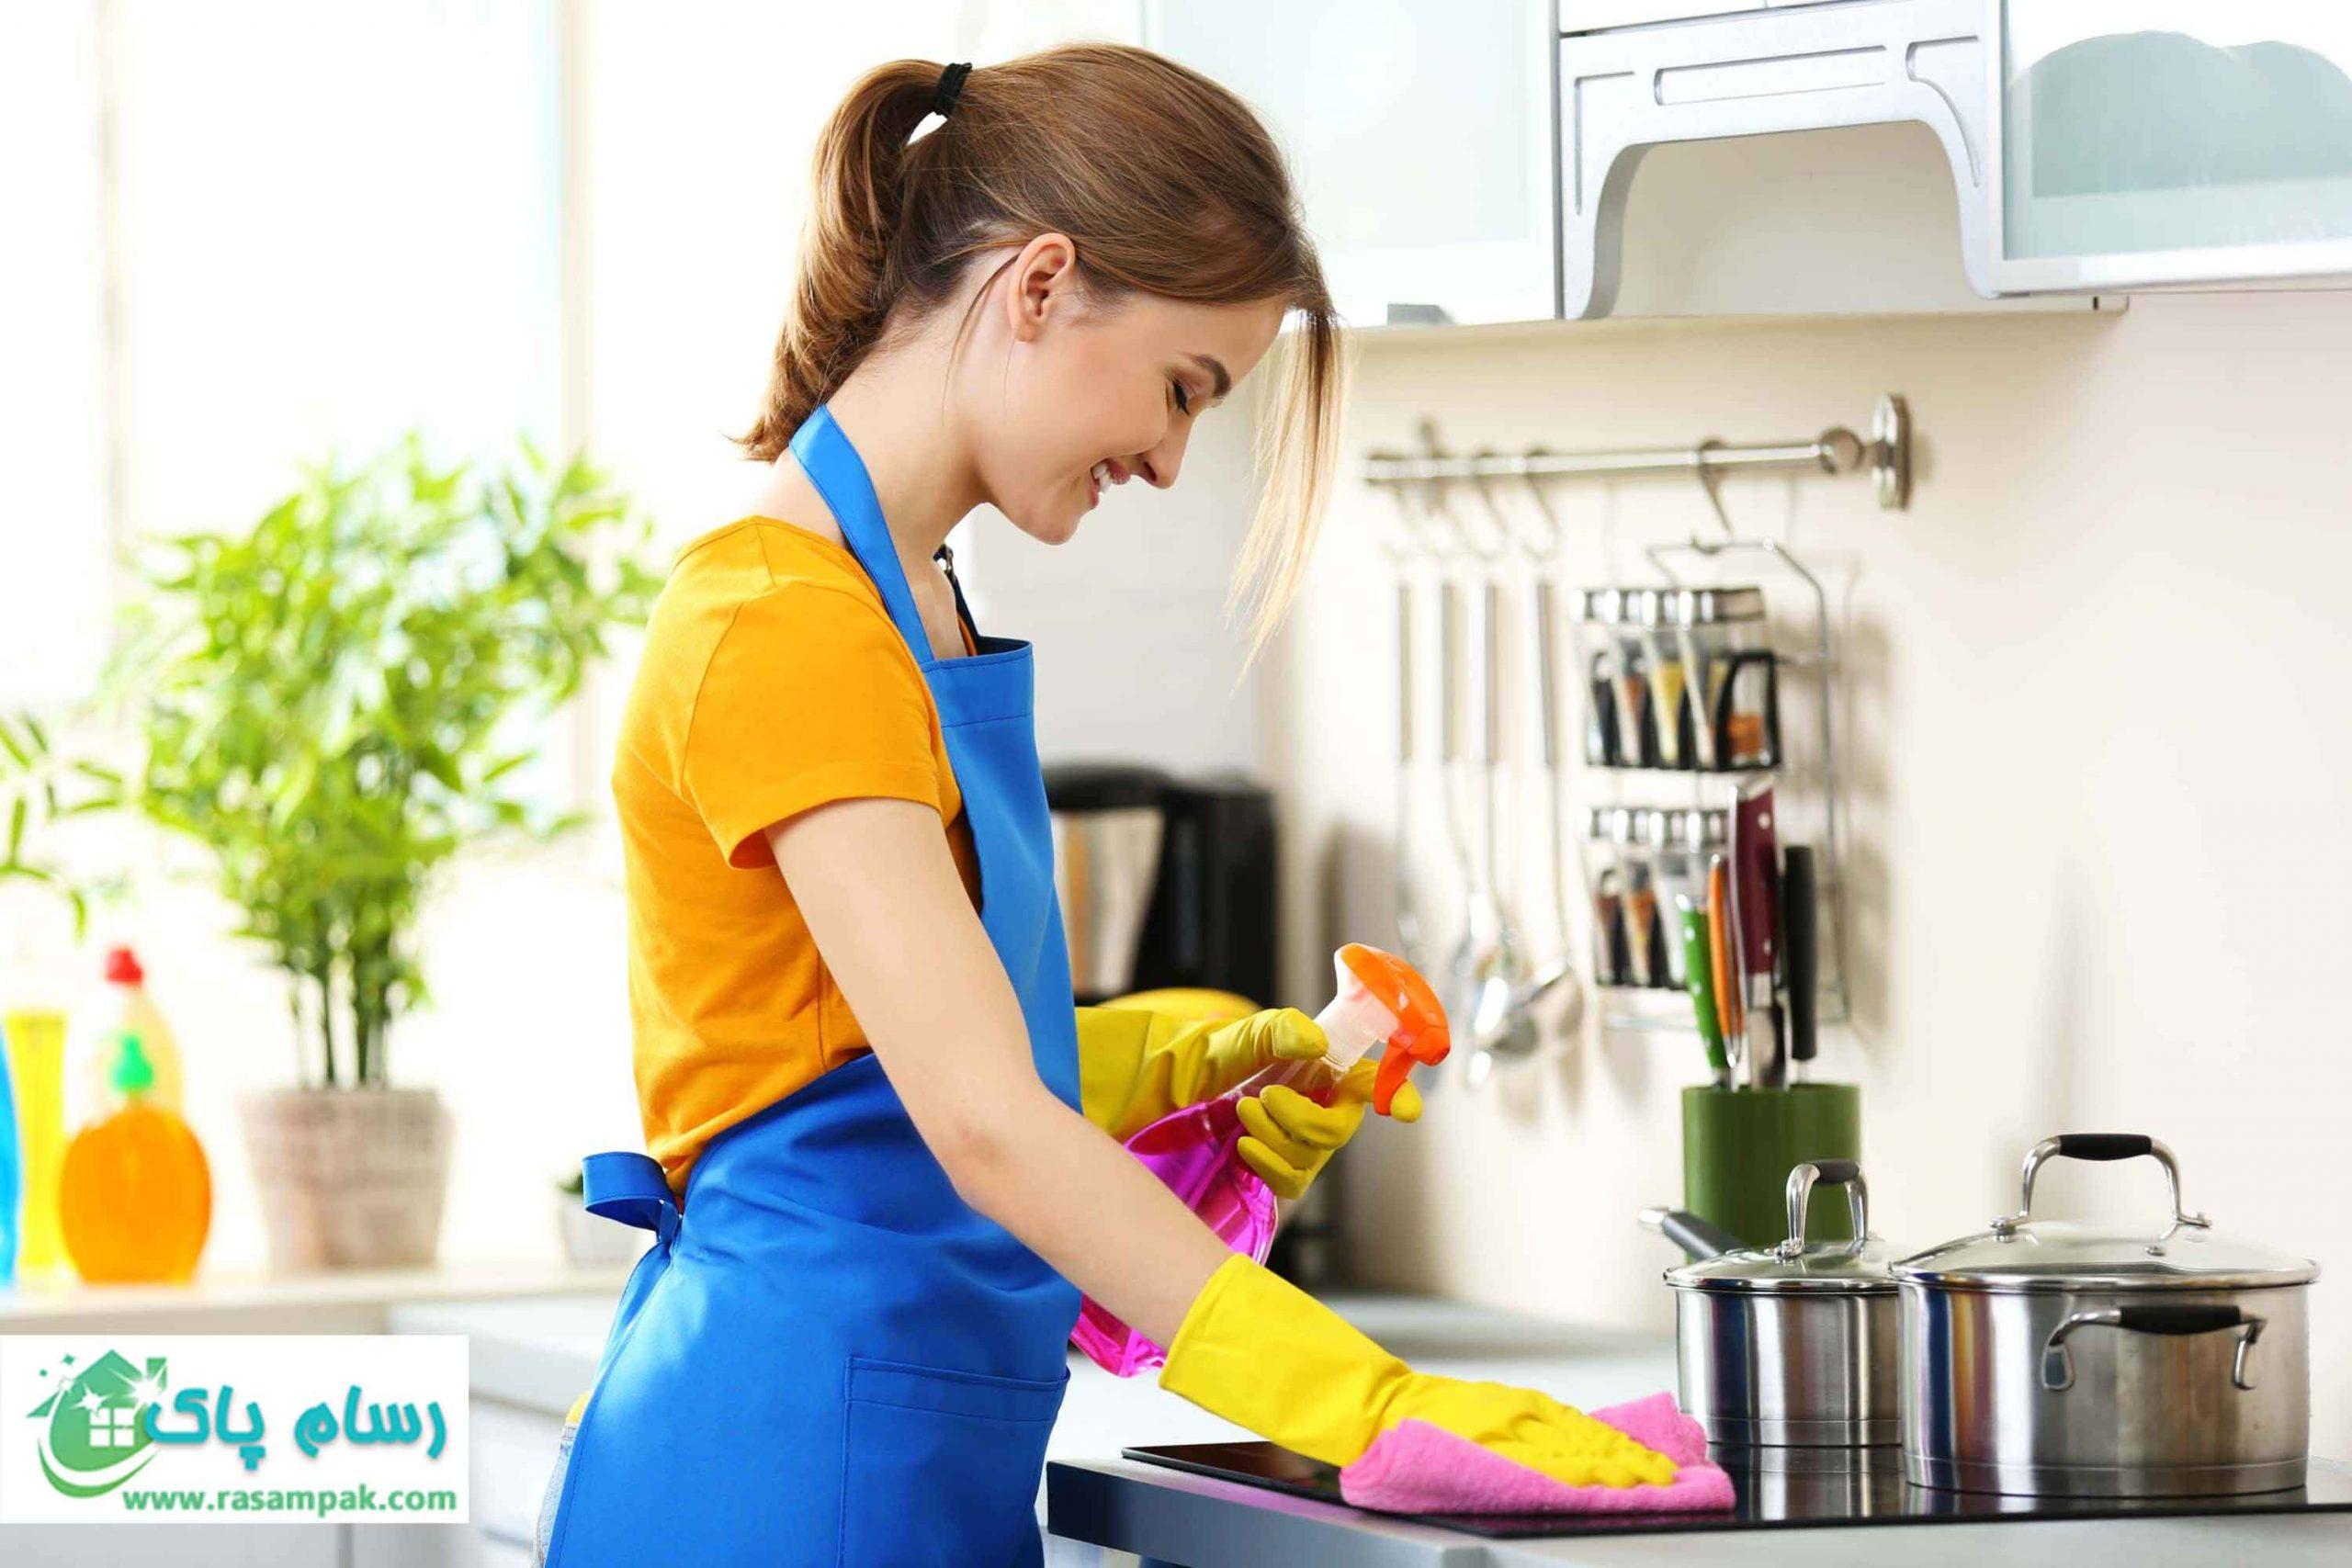 نظافت منزل در سریعترین زمان-نظافت منزل آشپزخانه